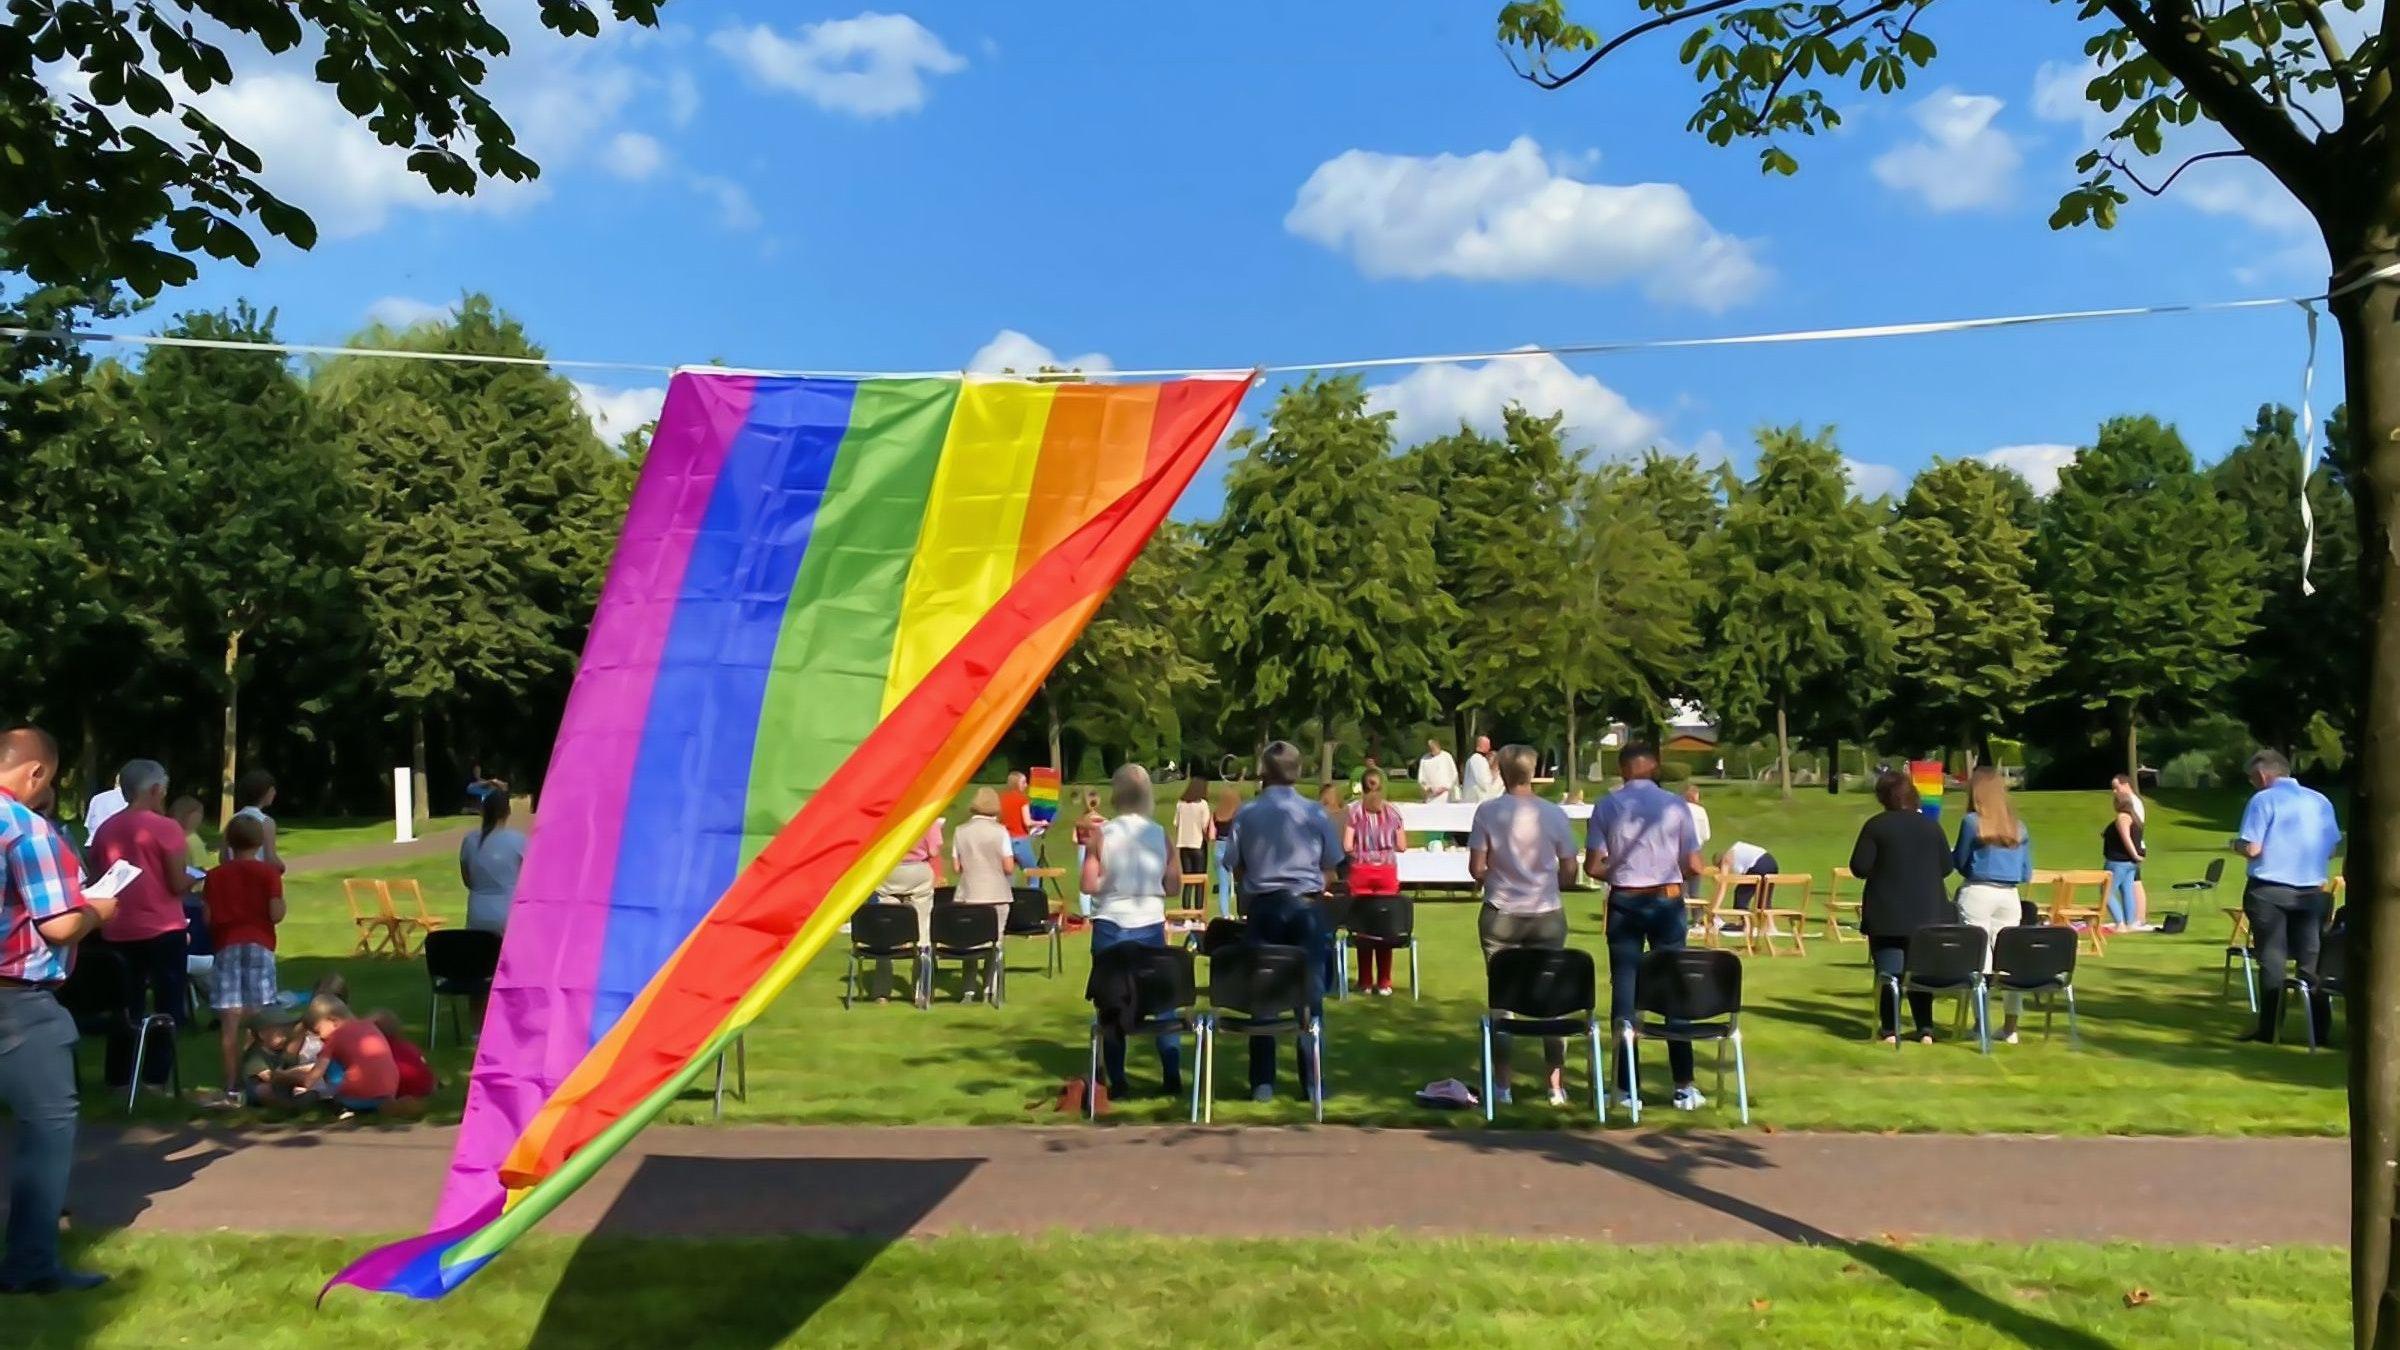 Starkes Symbol: Der Regenbogen stand im Mittelpunkt des Open-Air-Gottesdienstes. Foto: Ruby Wright